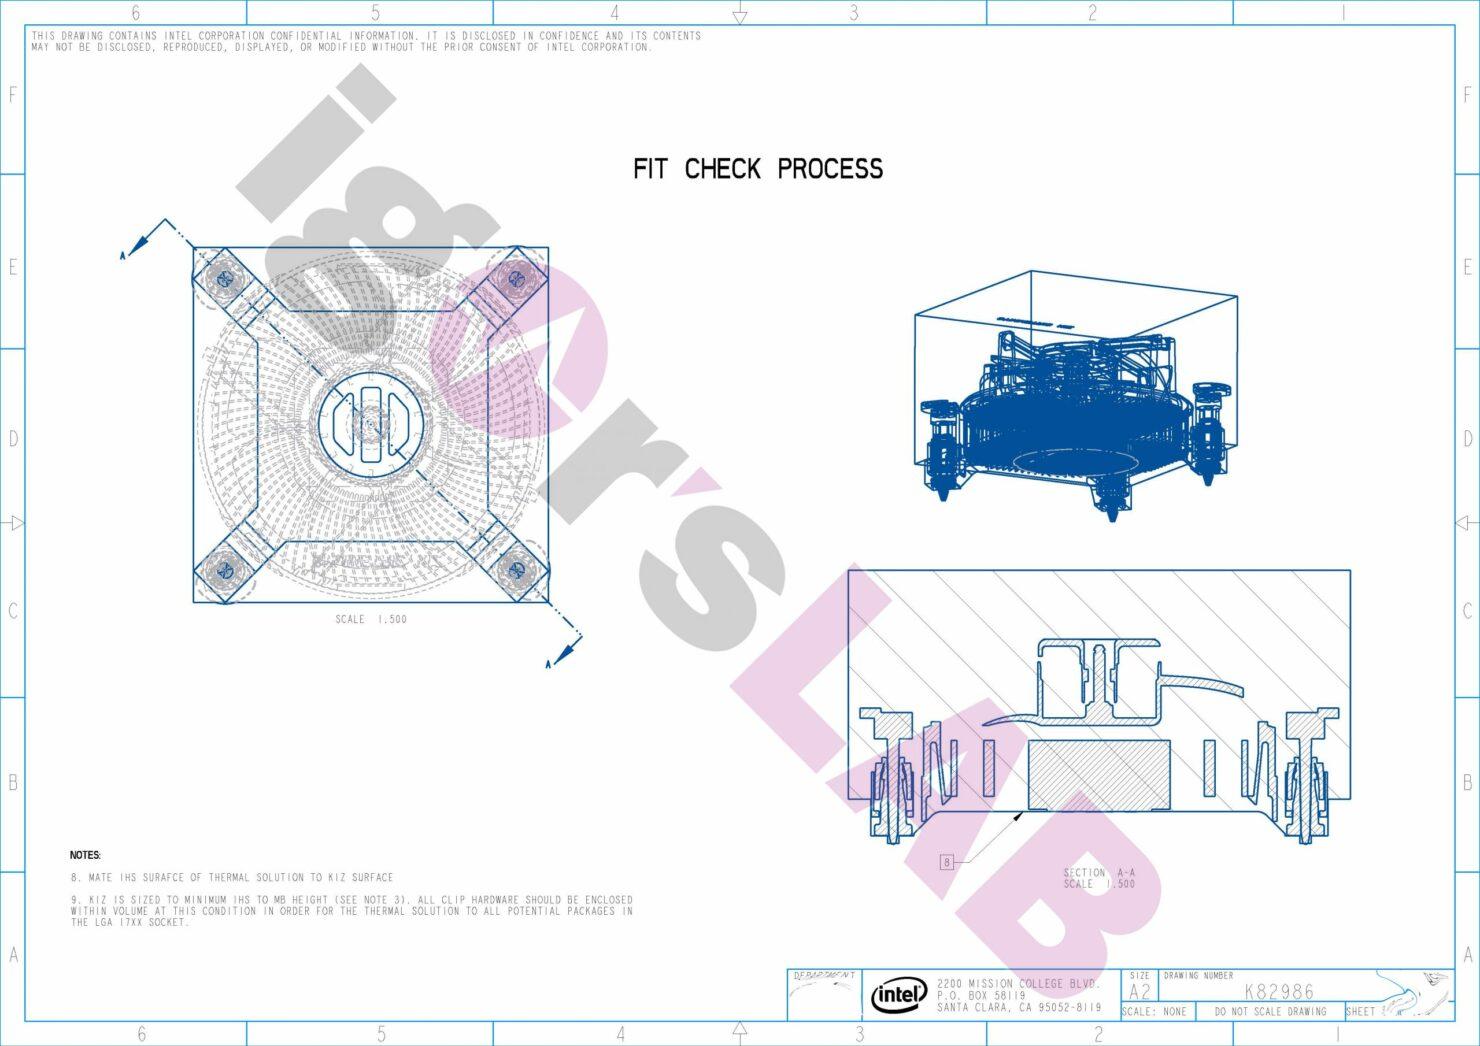 intel-lga-1700-lga-1800-desktop-cpu-socket-leak-alder-lake-_11